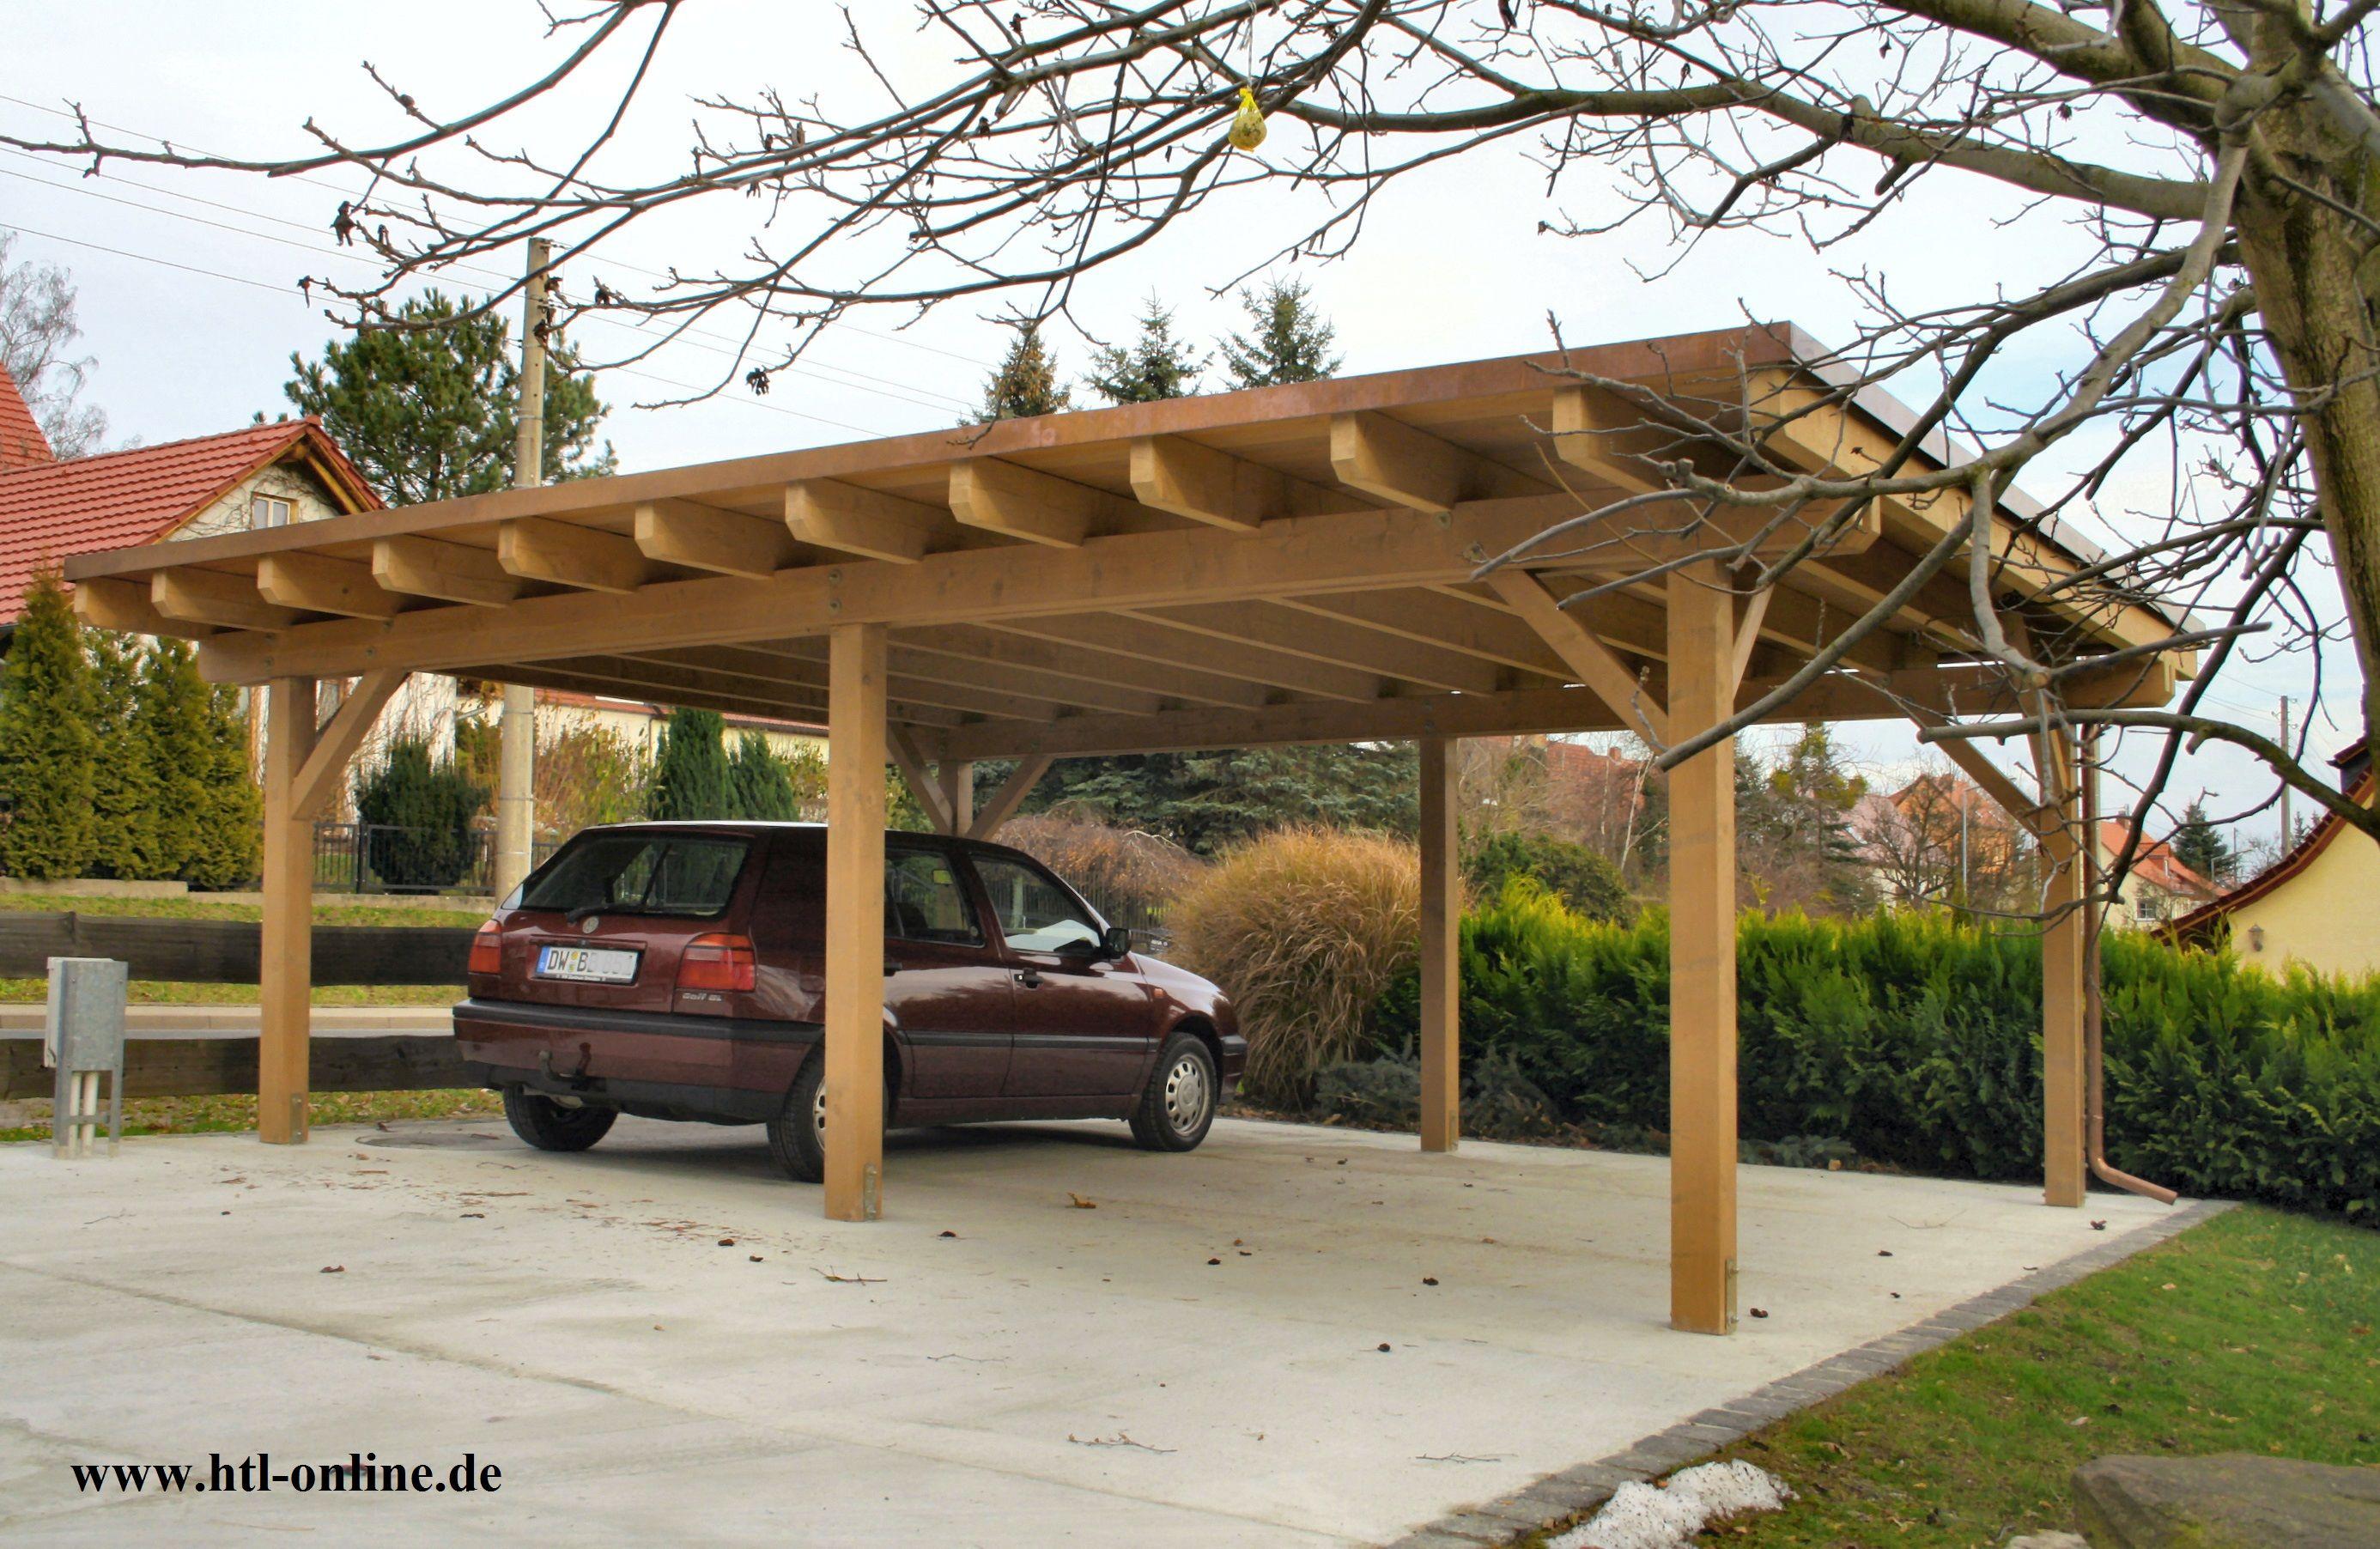 Carport Aus Holz Htl Holztechnik Holz Arbeit Mit Holz Carport Aus Holz Carport Holz Holzbau Konstruktion Carport